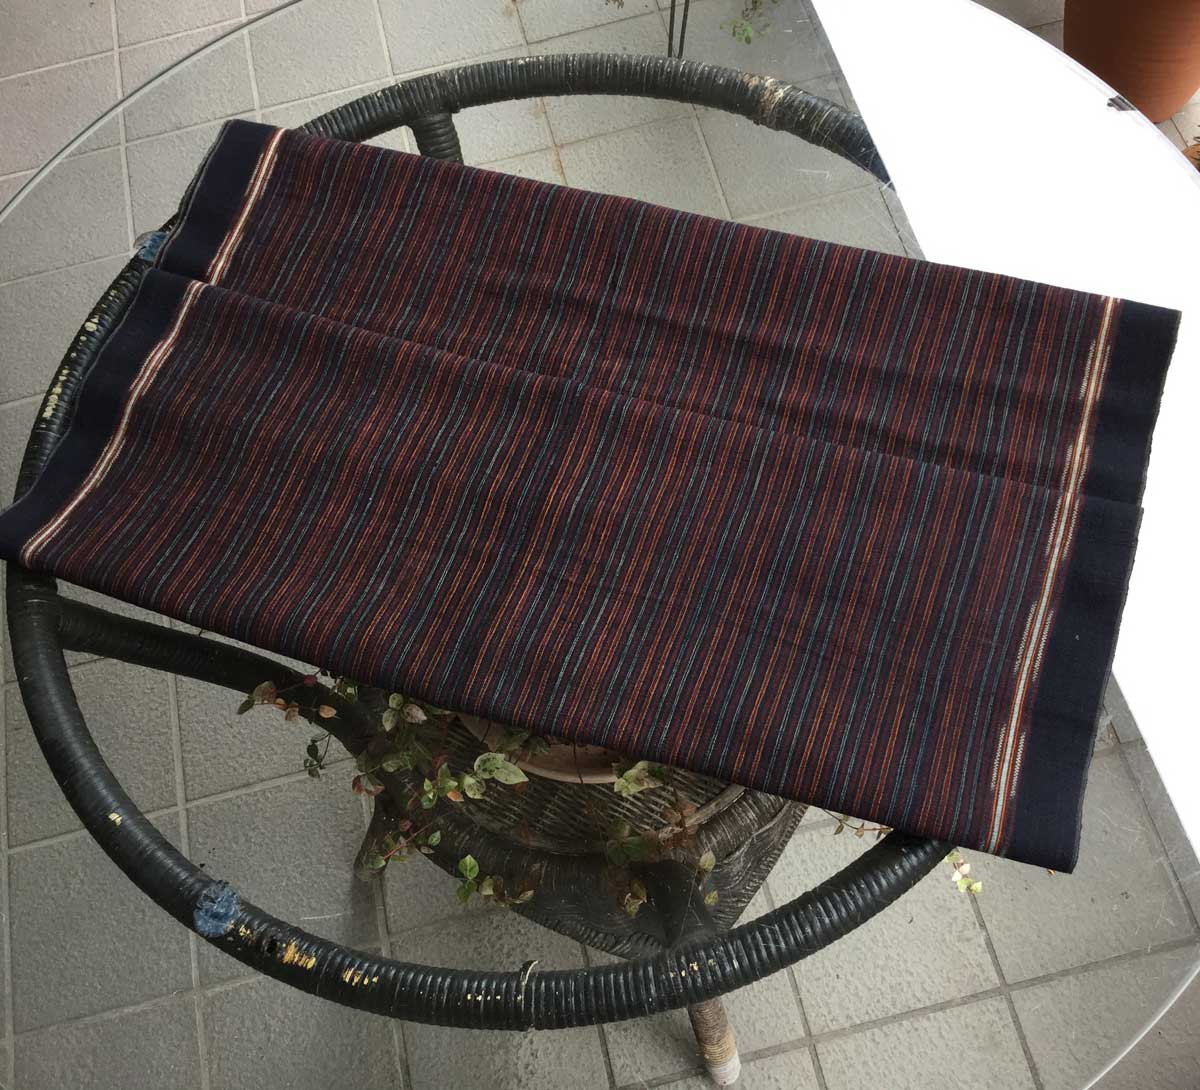 海外限定 手で紡いだ糸を天然染料で染め 織り上げた本物イカットです インドネシアのスマトラ島イカット オーバーのアイテム取扱☆ ブンクルー スマトラ島のイカット 型番8004